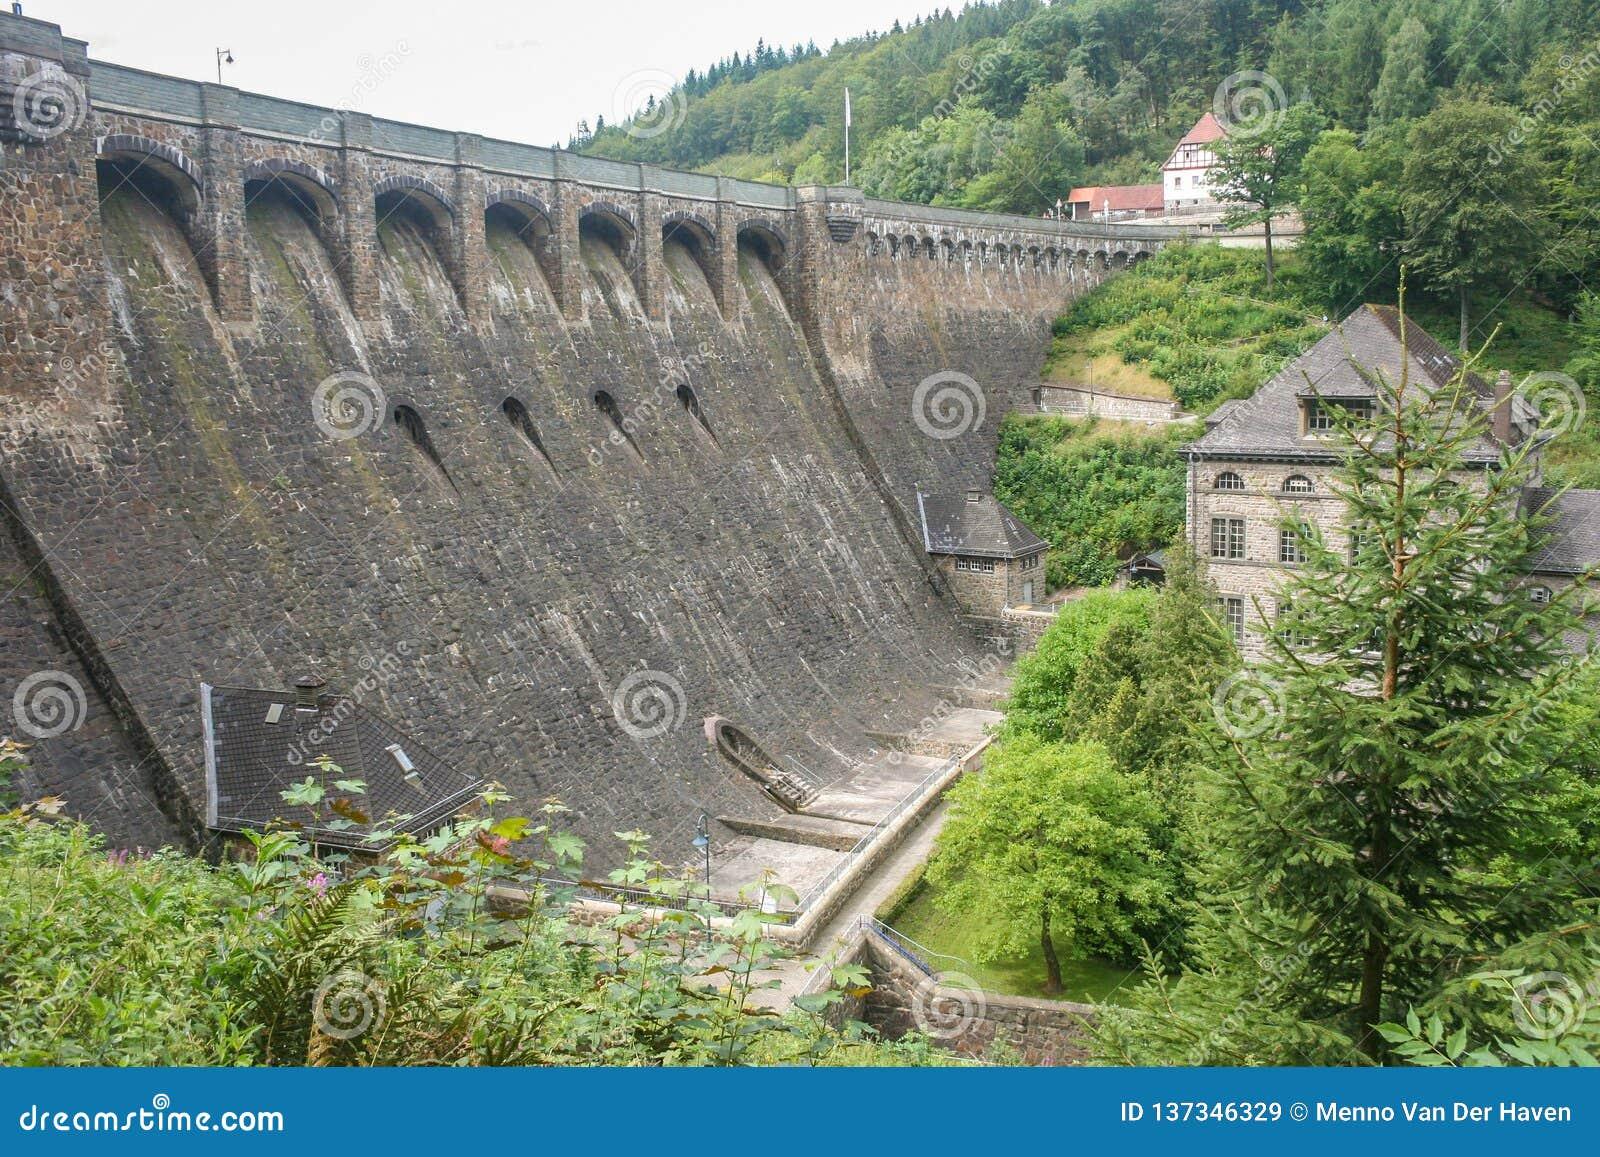 Ogrobla «Diemeltalsperre «i hydroelektryczną elektrownię Helminghausen w Sauerland, Niemcy